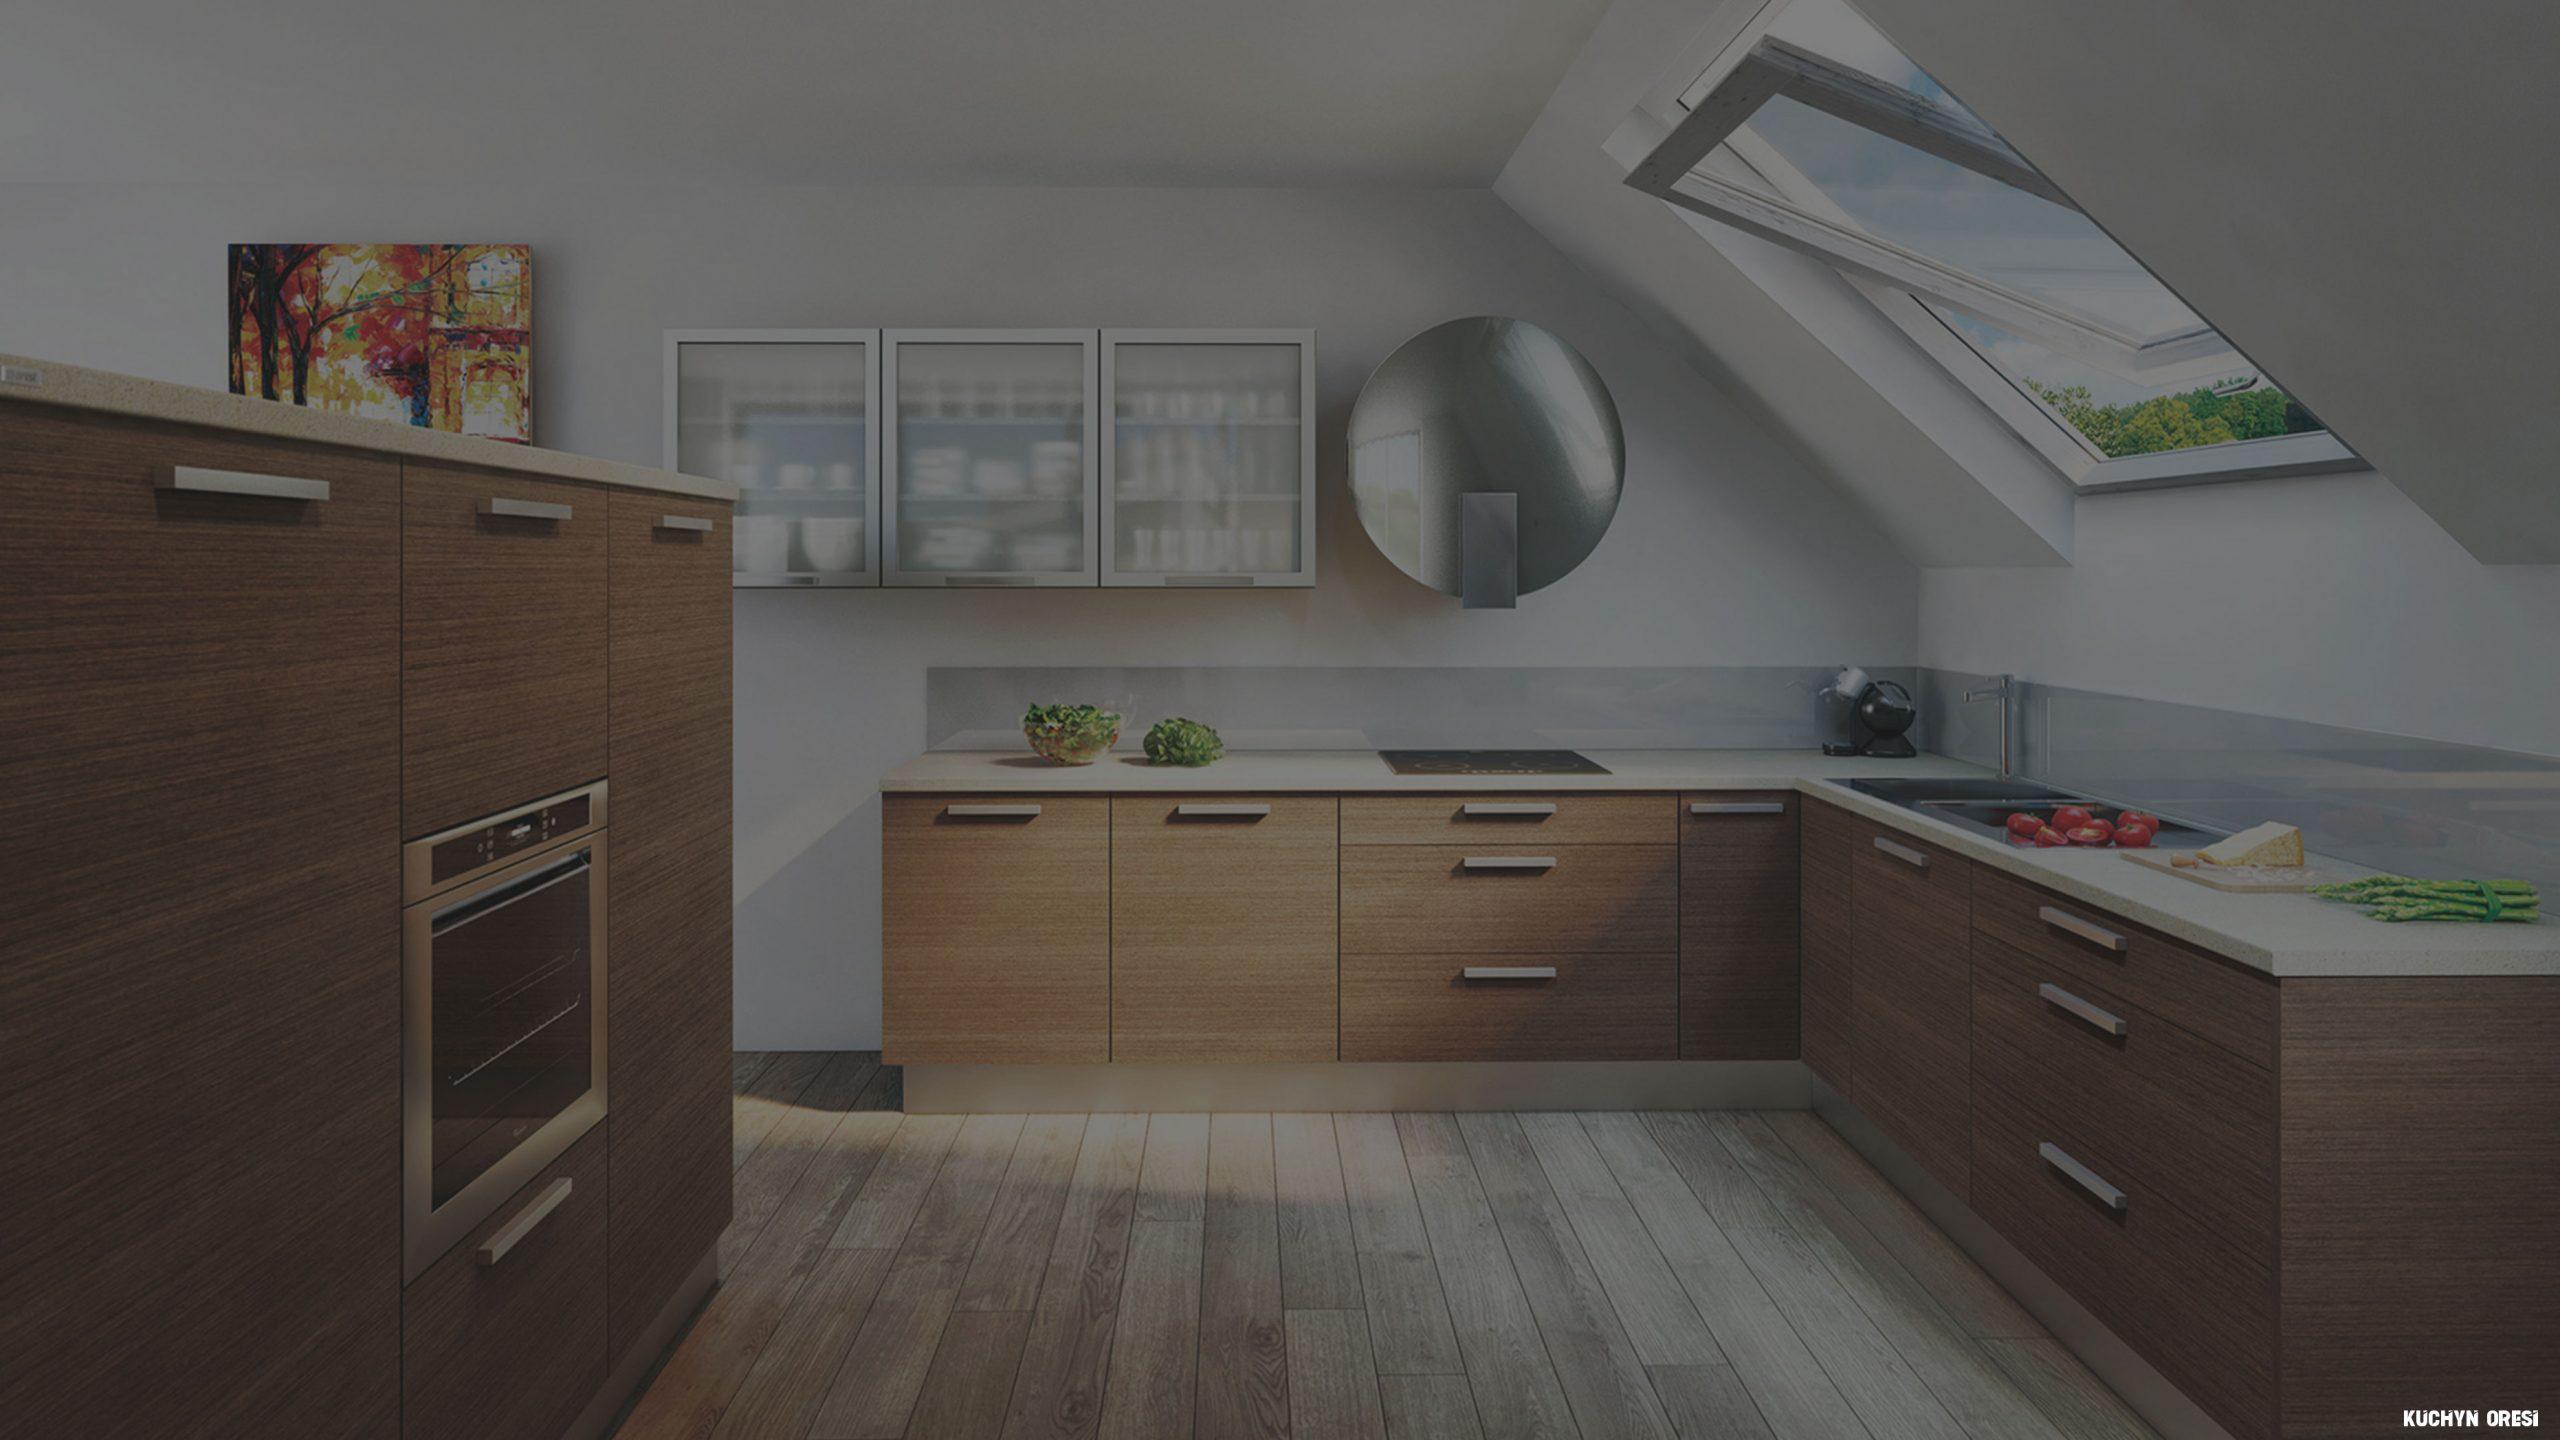 Sbirka Napady Nejchladnejsi z Kuchyně Oresi